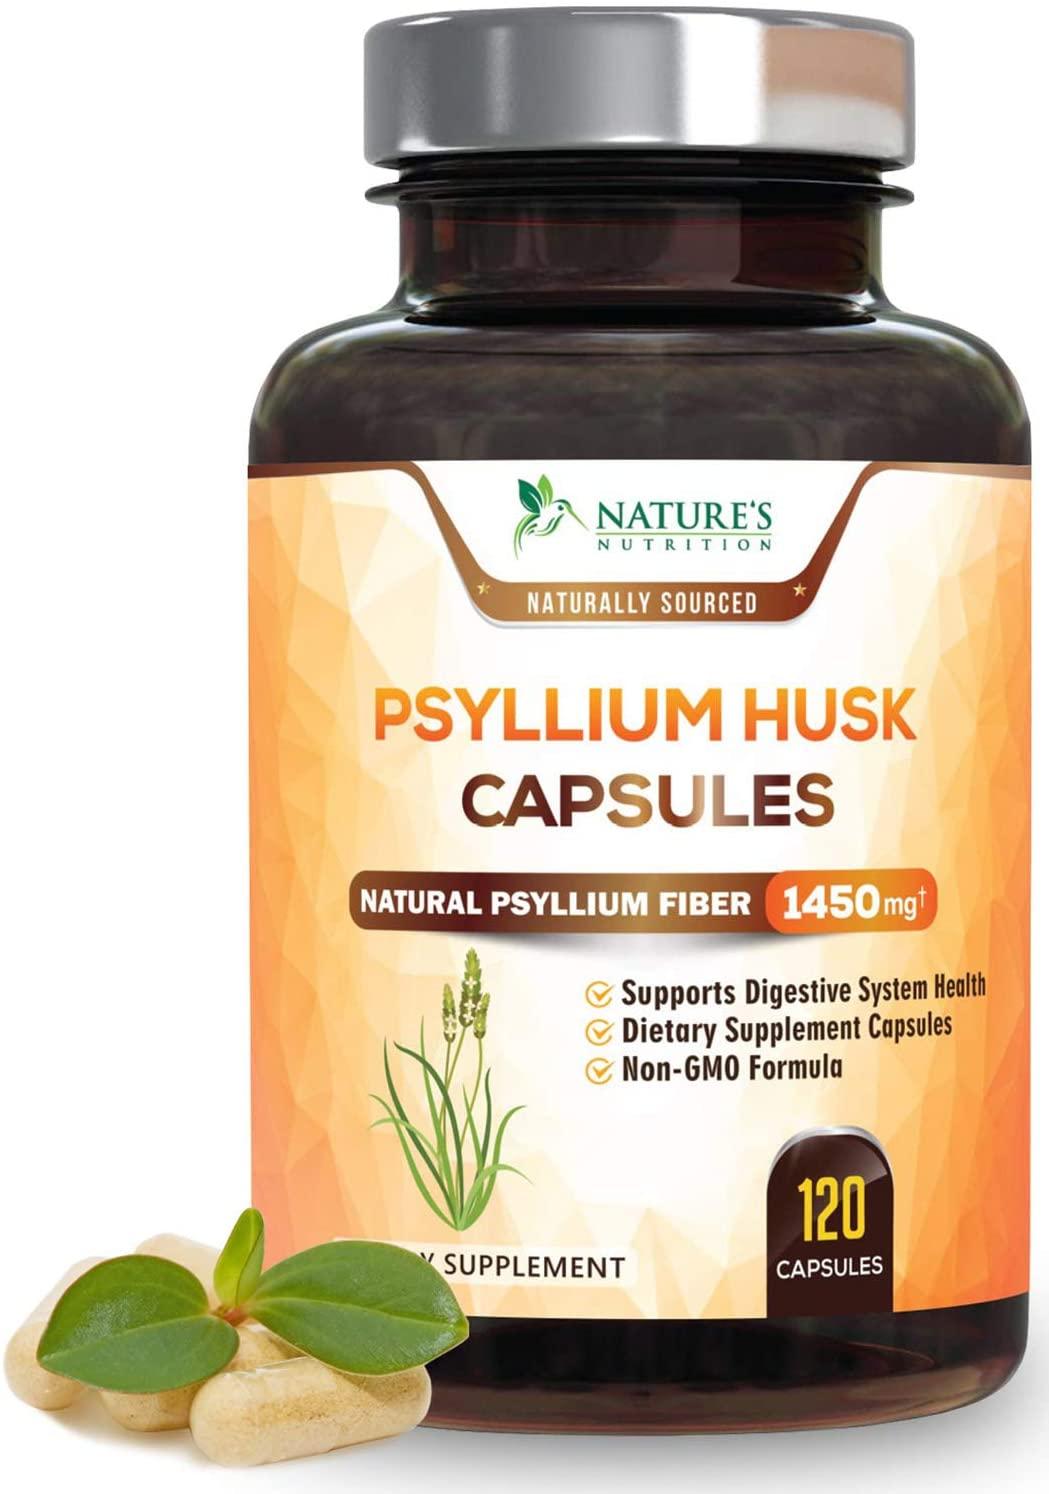 Psyllium Husk Capsules - 725mg per Capsule - Premium Psyllium Fiber Supplement - Made in USA - Natural Soluble Fiber Pills, Helps Support Digestion & Regularity - 120 Capsules